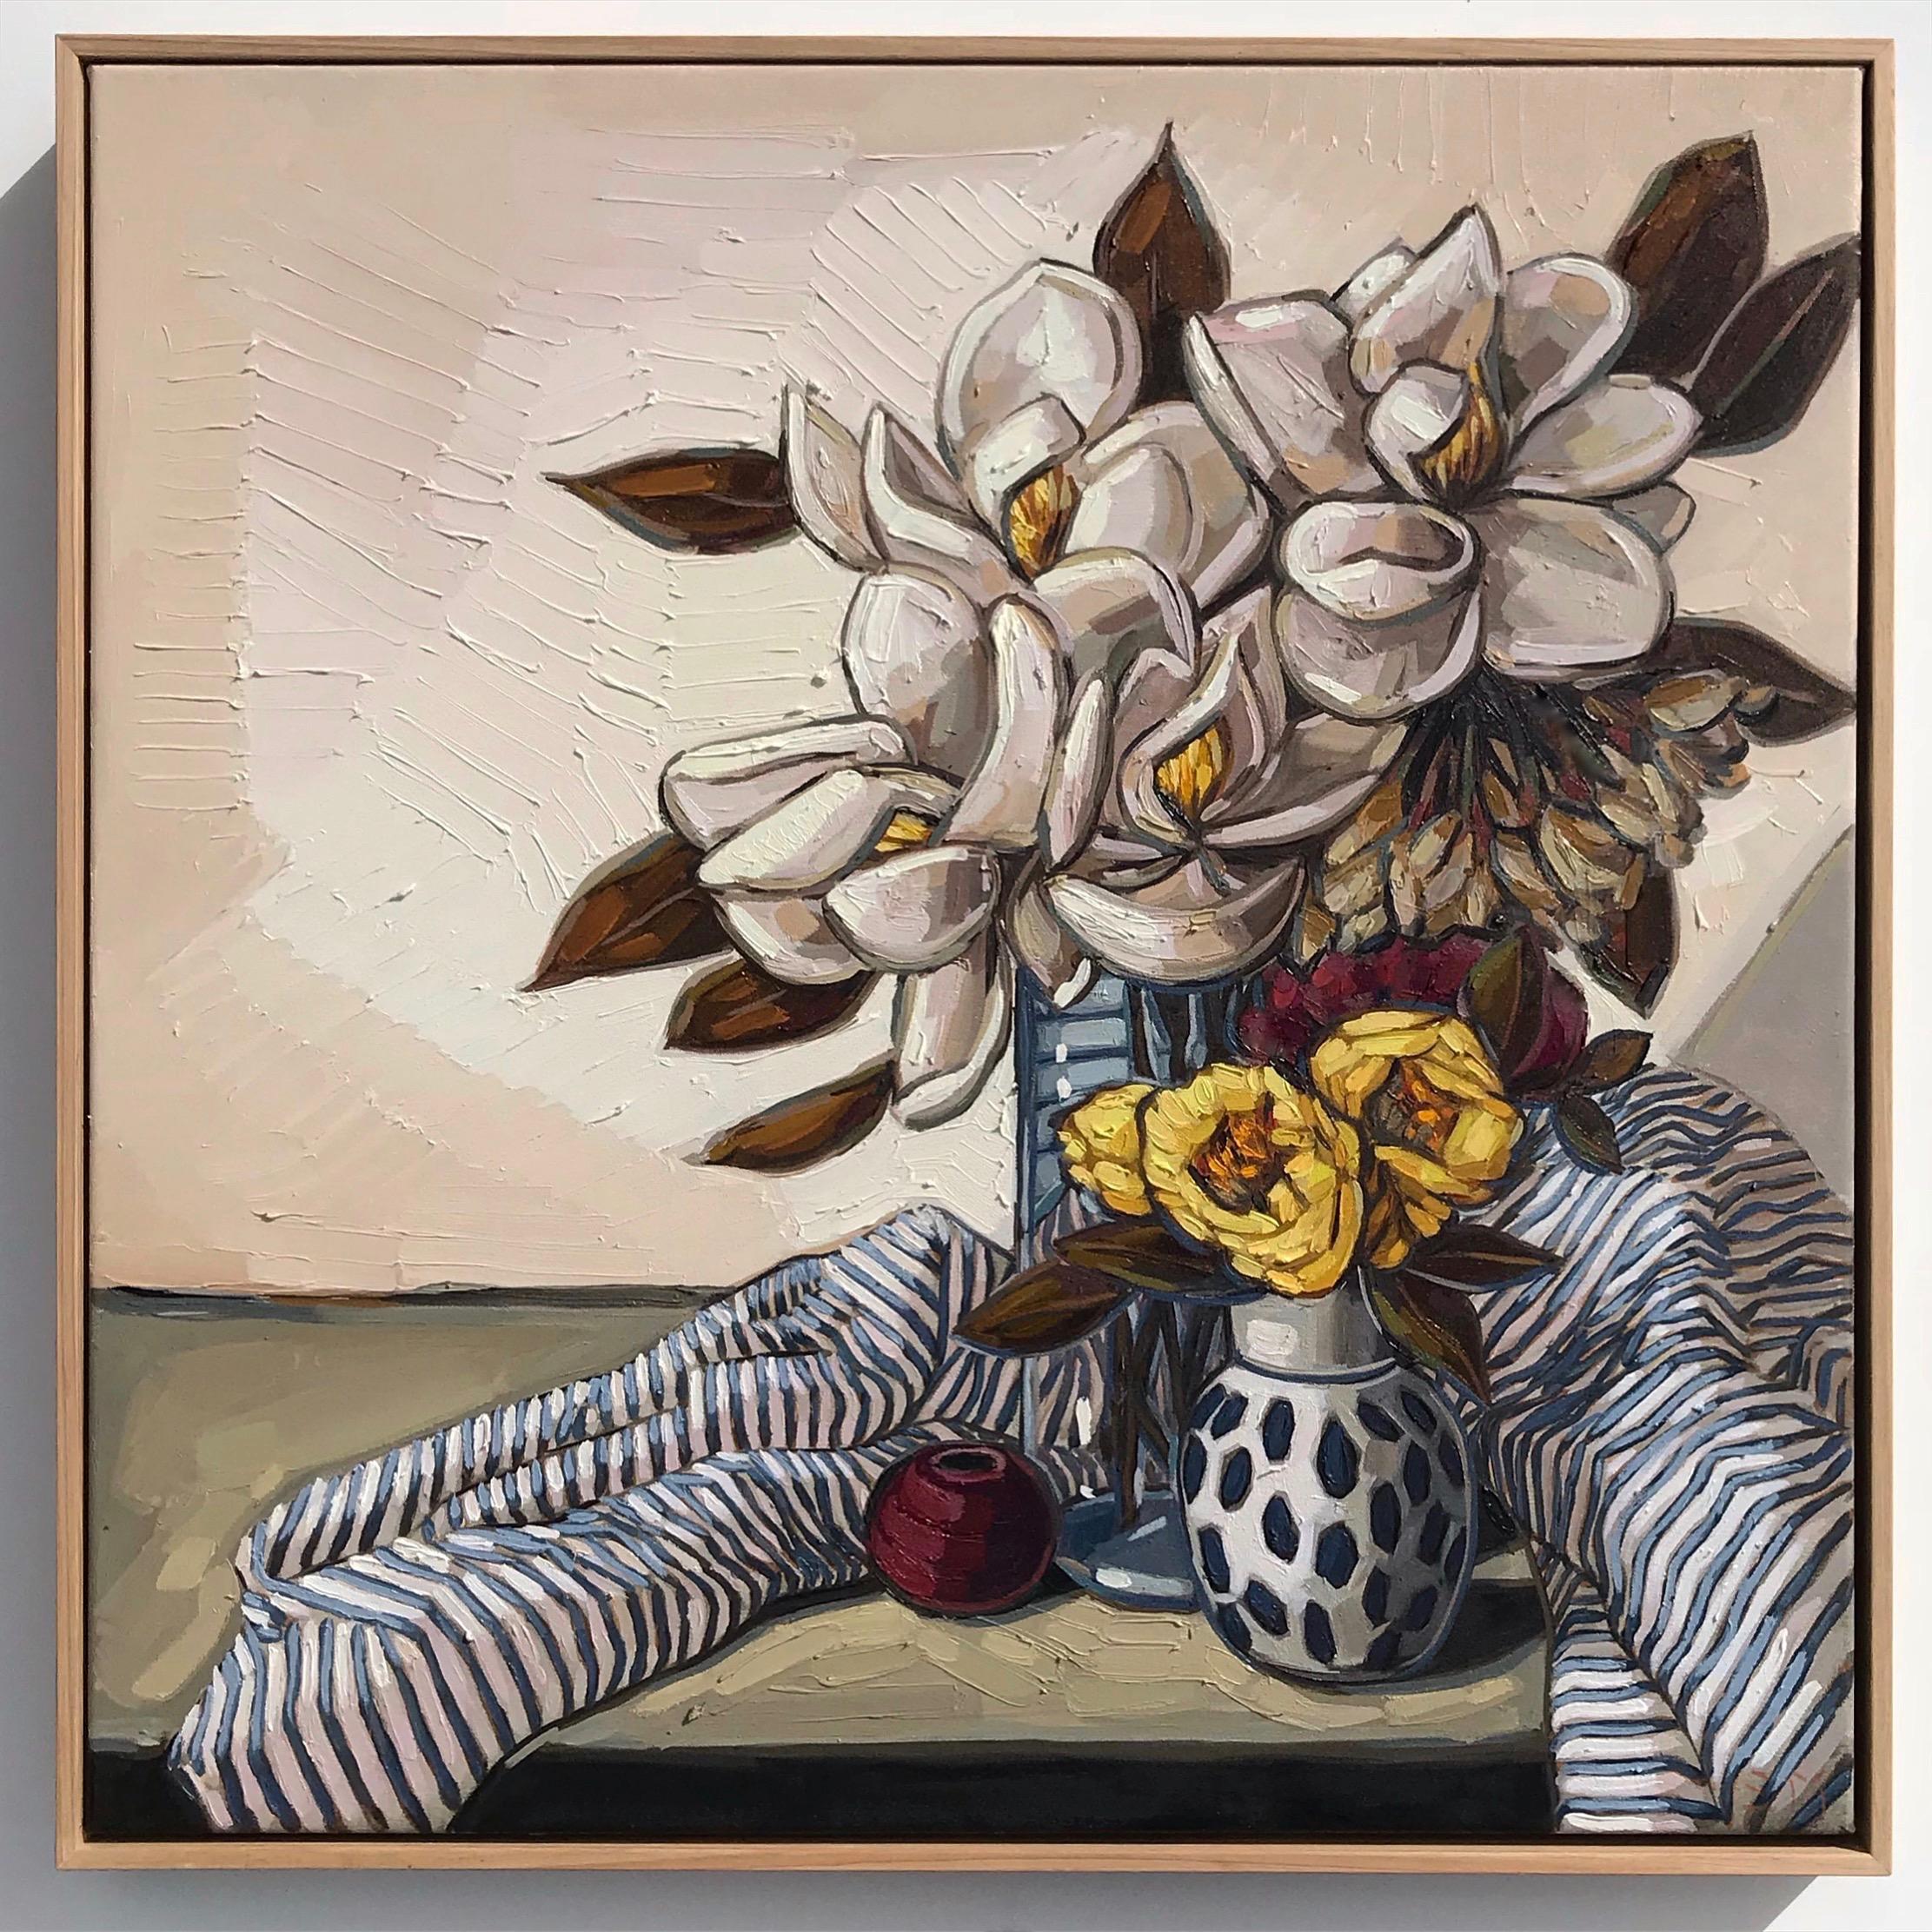 Sam Michelle 'Spring Magnolias' 67x67cm.